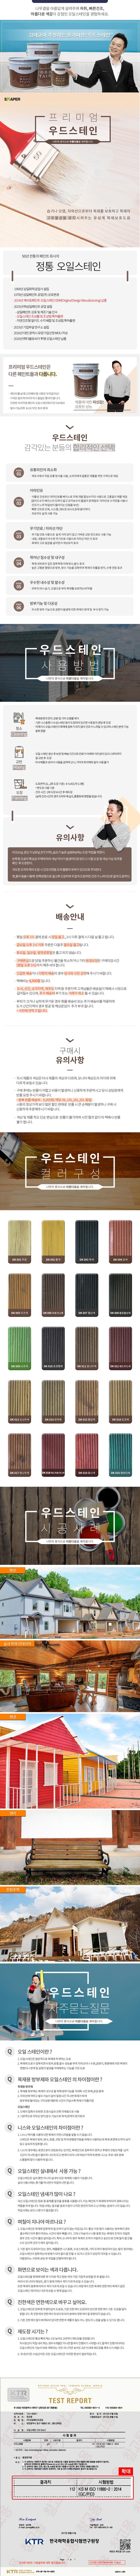 마이칼라 방부목 데크오일 우드스테인 10L 나무페인트 - 익스트리모, 78,000원, DIY 재료, 페인트